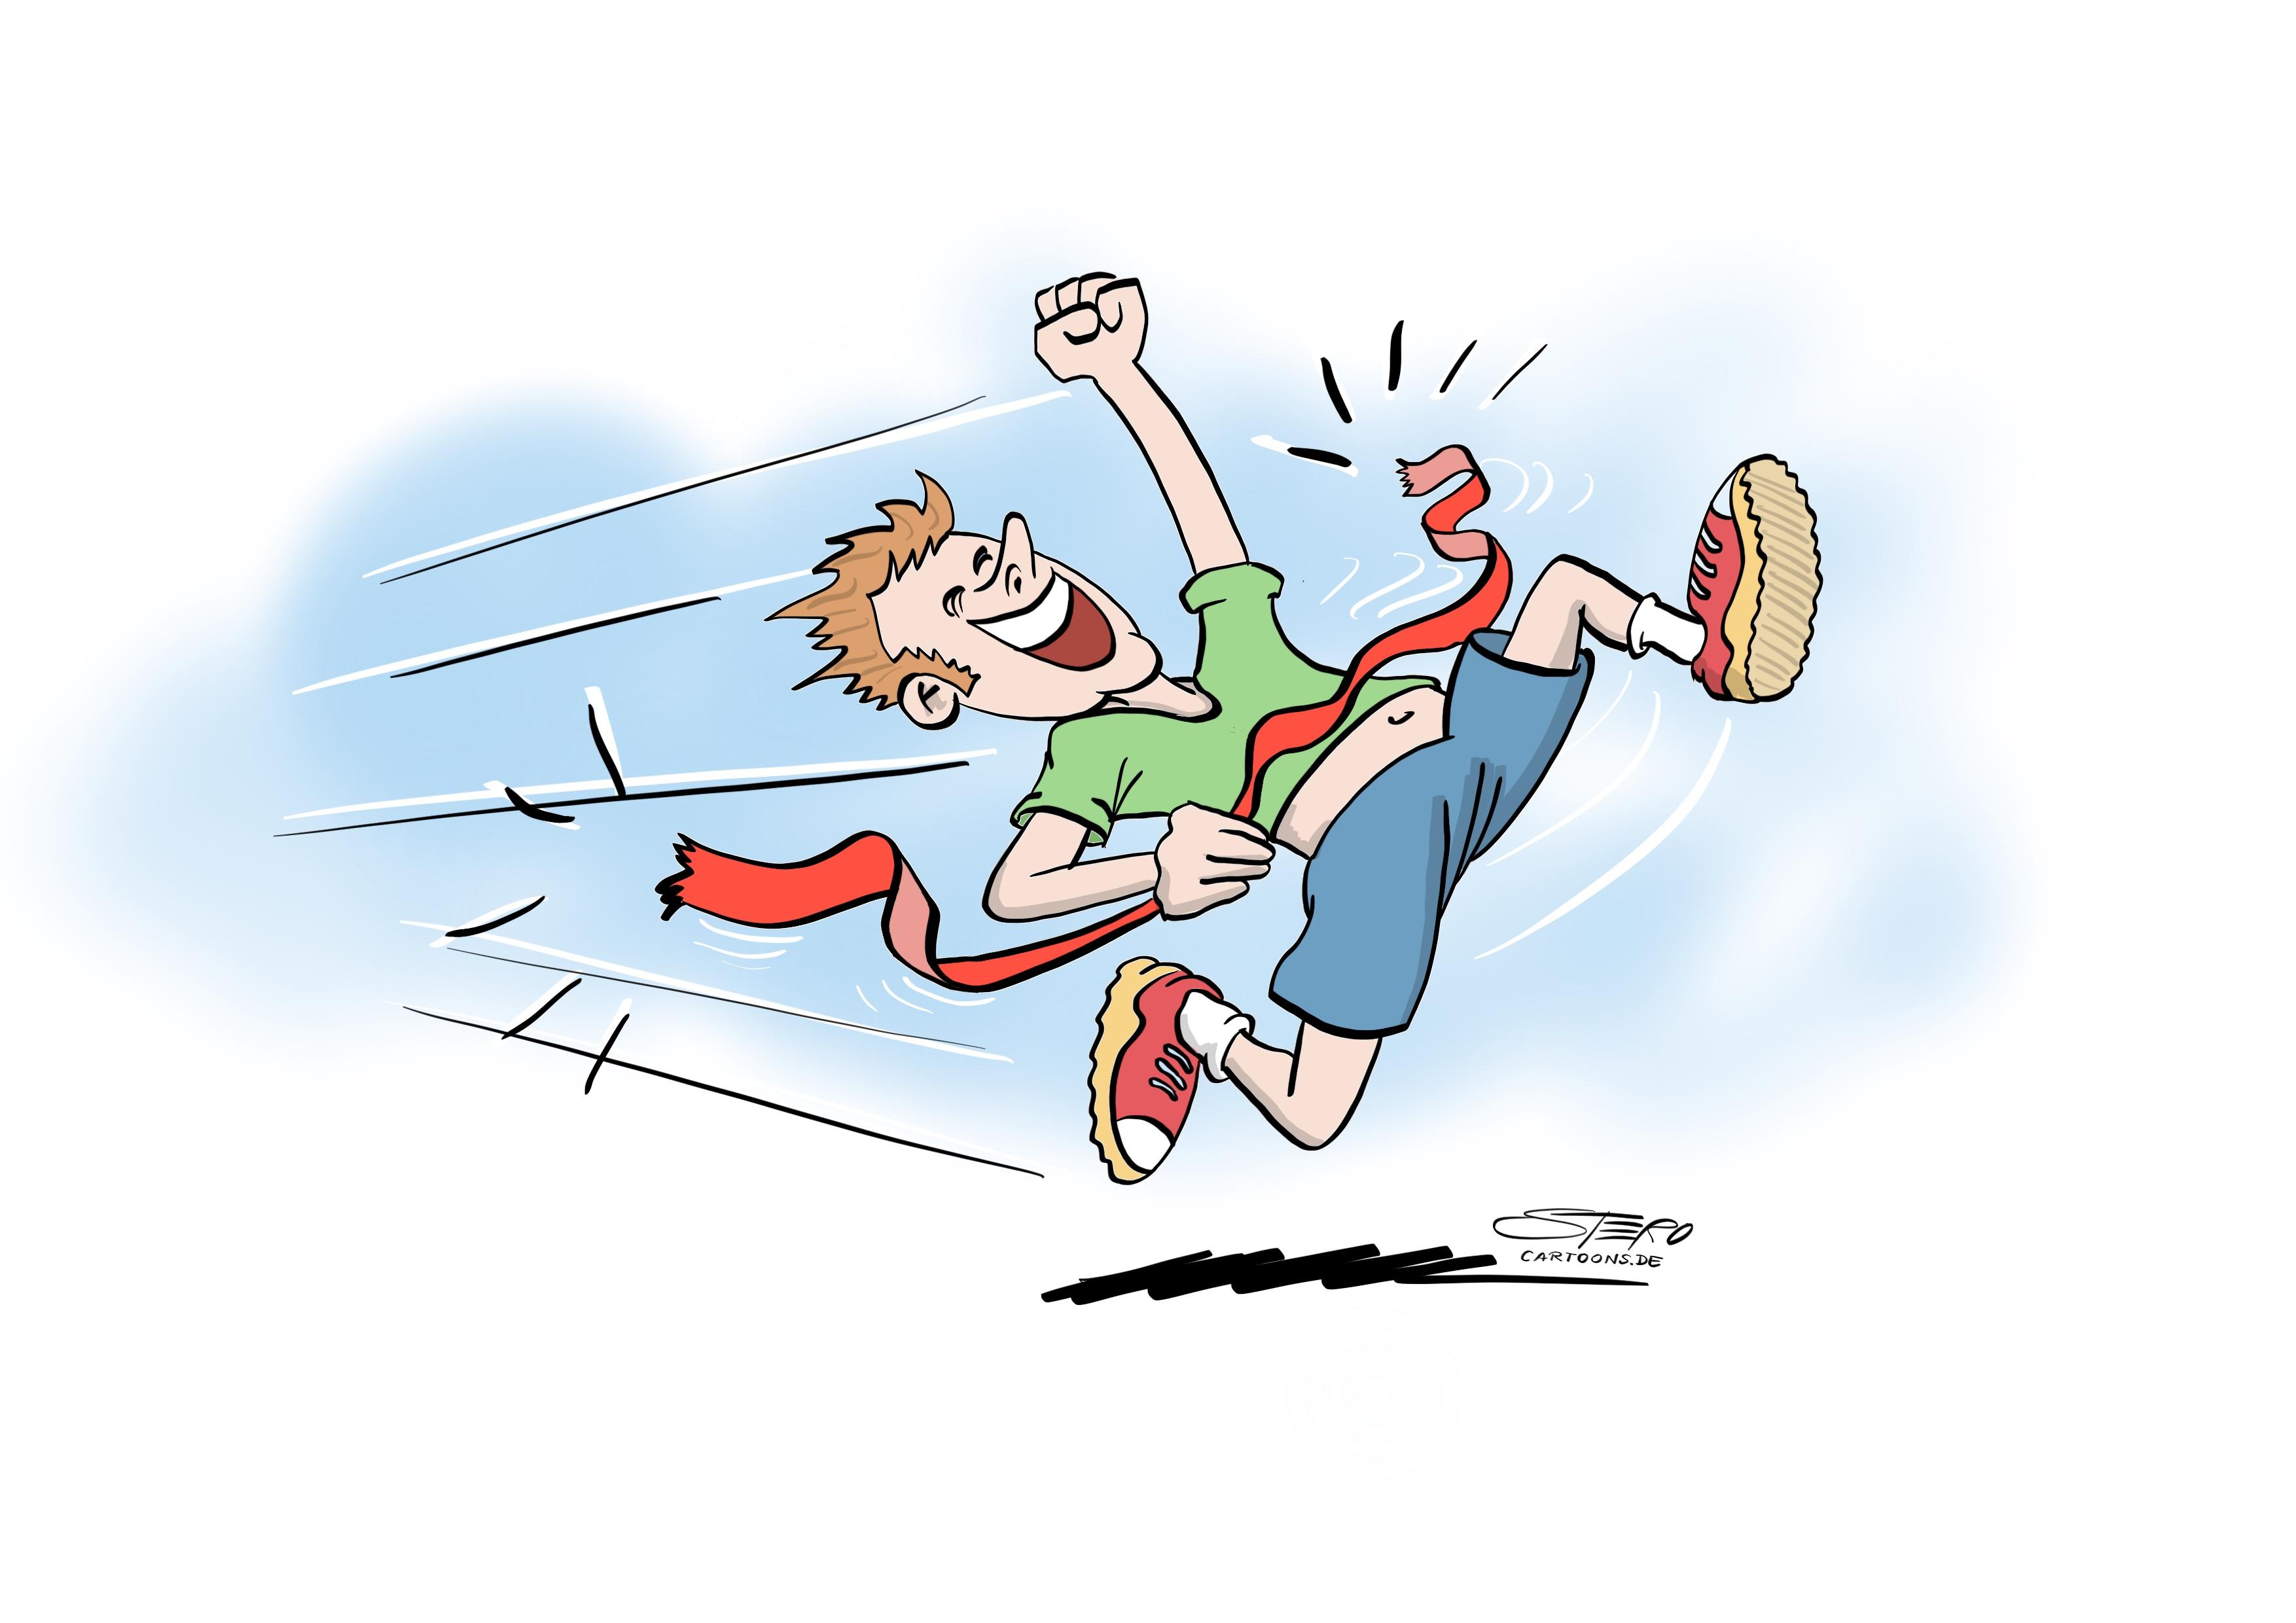 Cartoon: ein Sportler rennt durch die zielliniie. Das zieleinlaufband reisst.